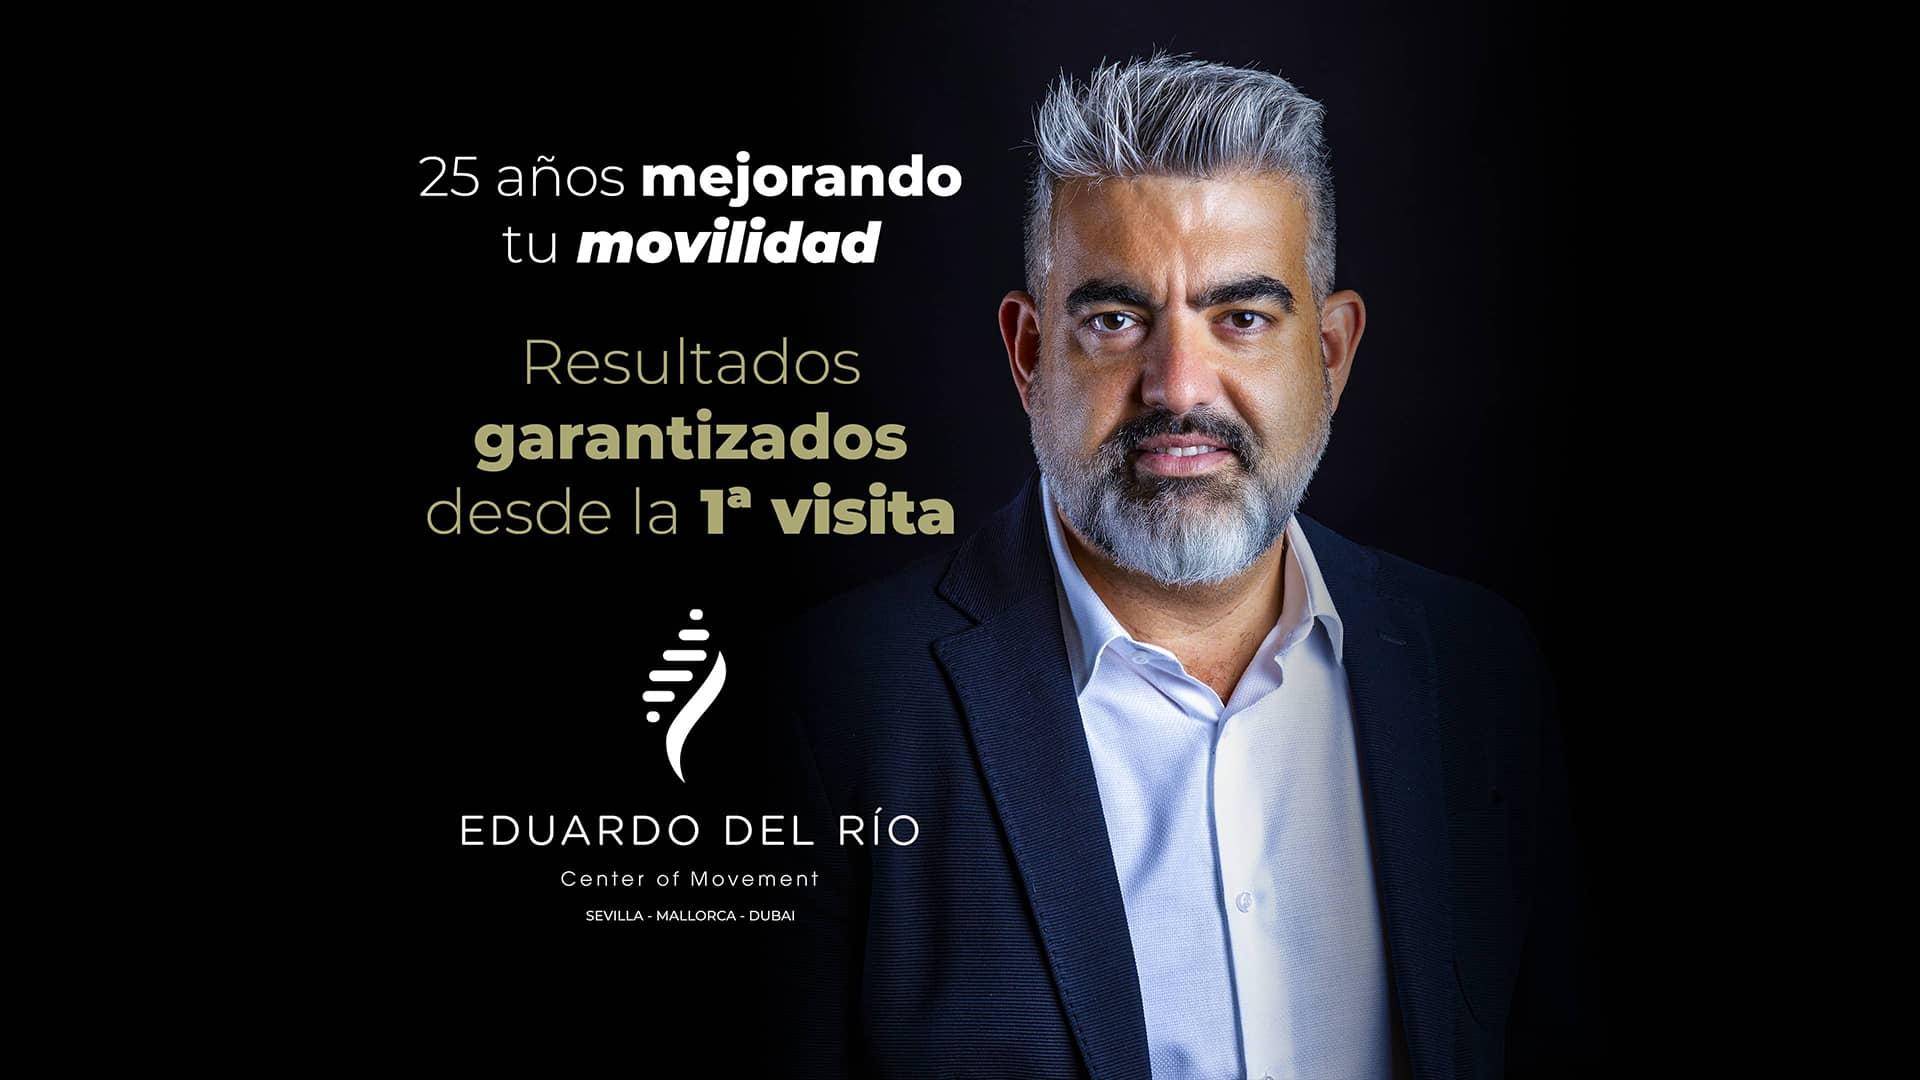 eduardo-de-rio_01-1